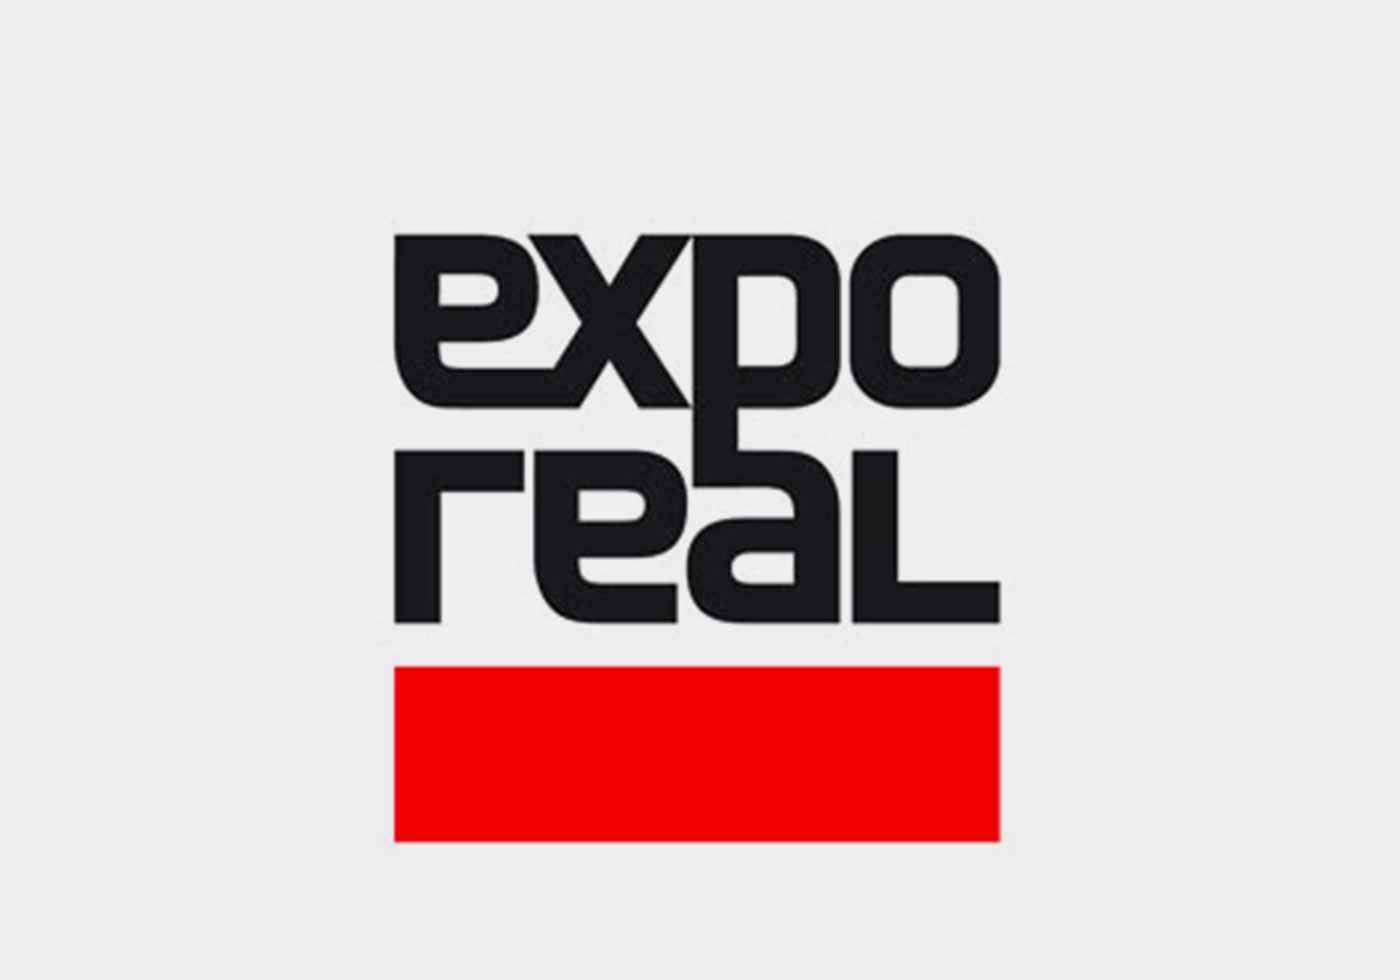 ATP auf der Expo Real 2014 - Nachlese